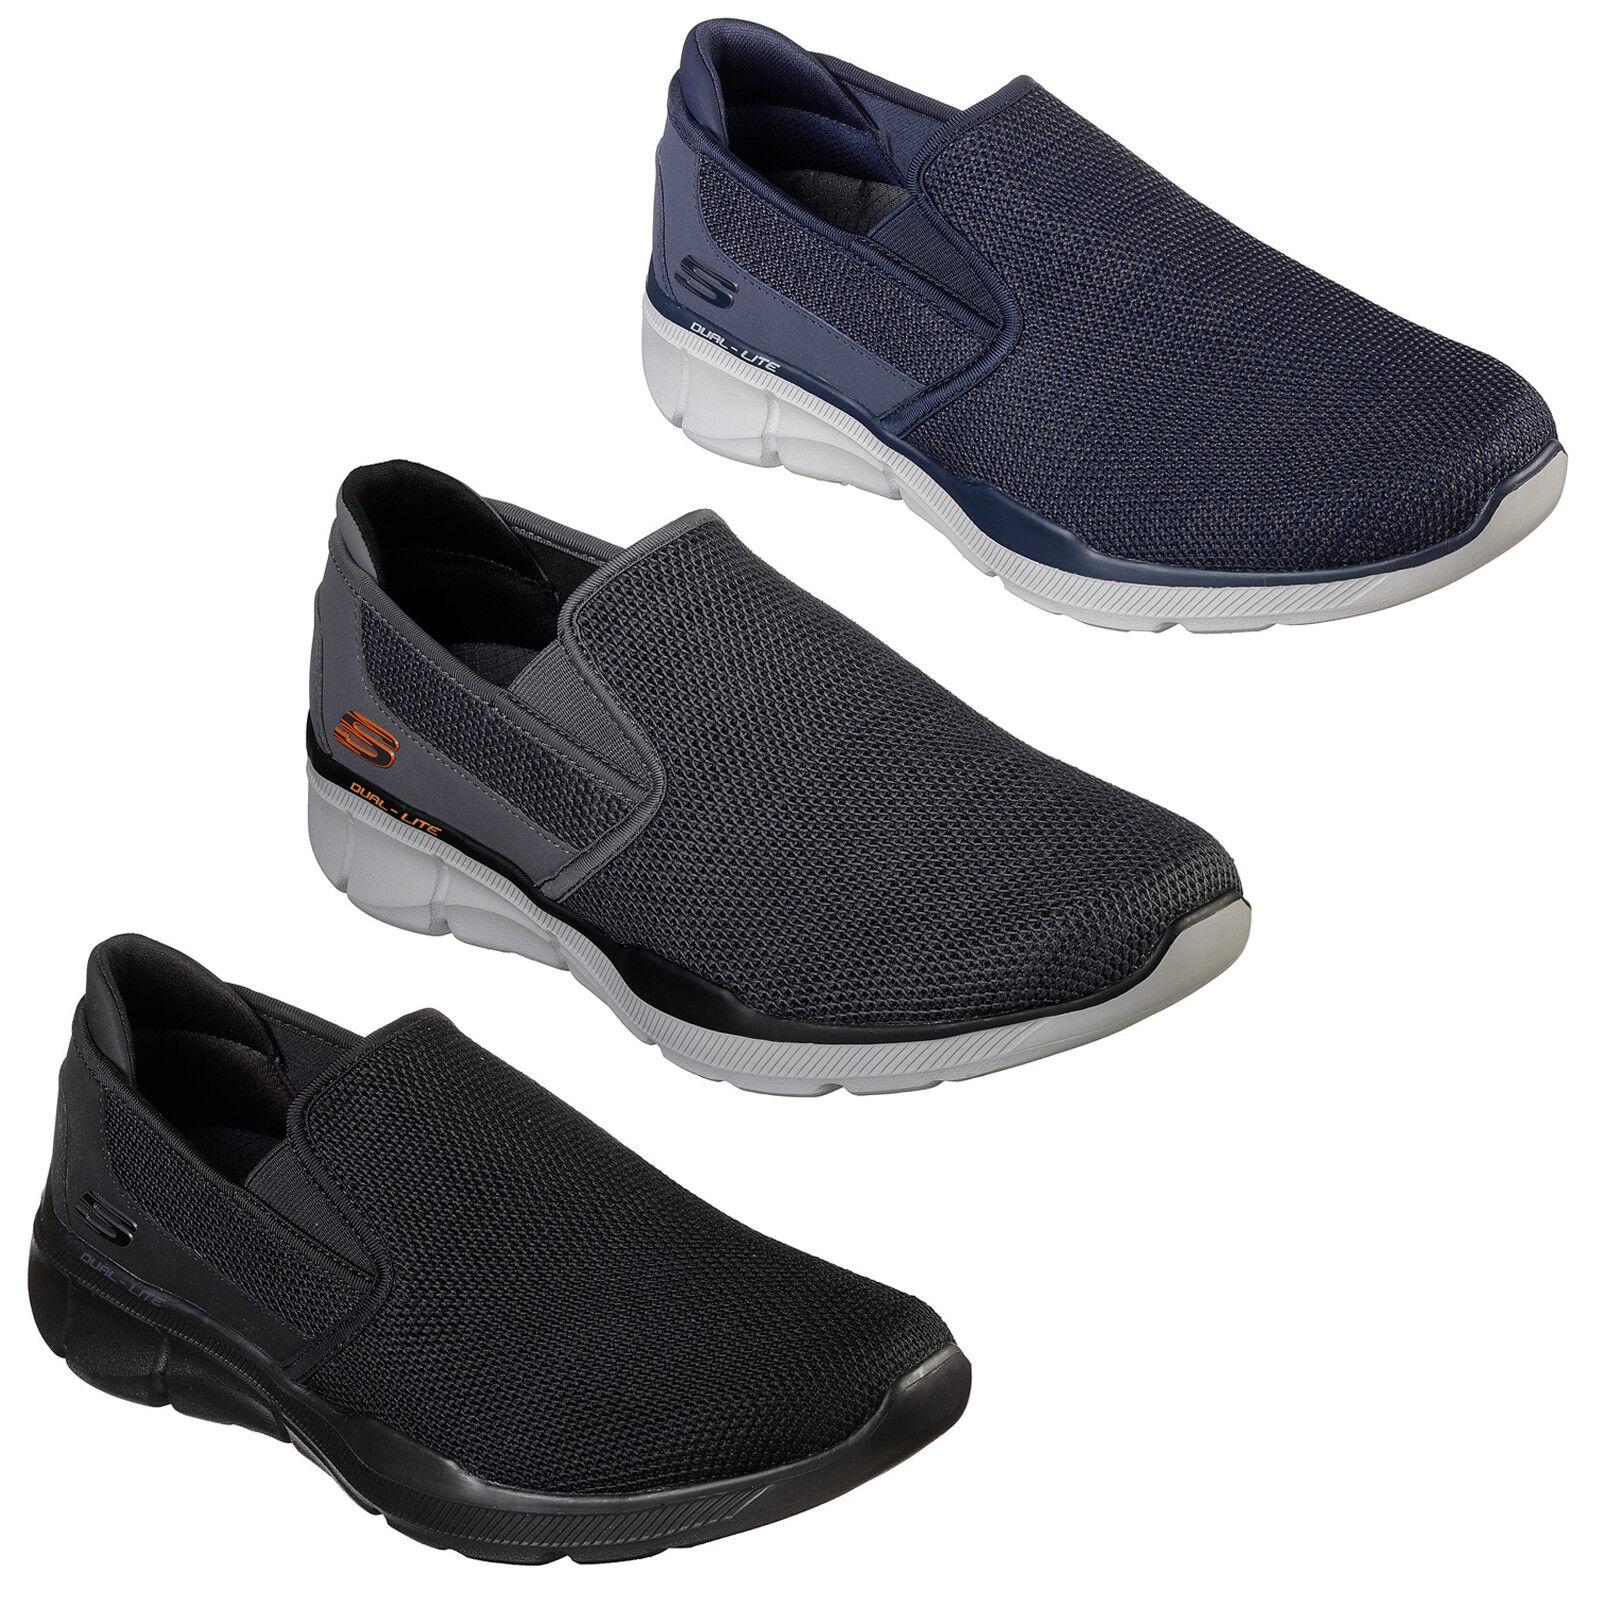 Comunista tipo peine  zapatillas skechers hombre dual lite - Tienda Online de Zapatos, Ropa y  Complementos de marca